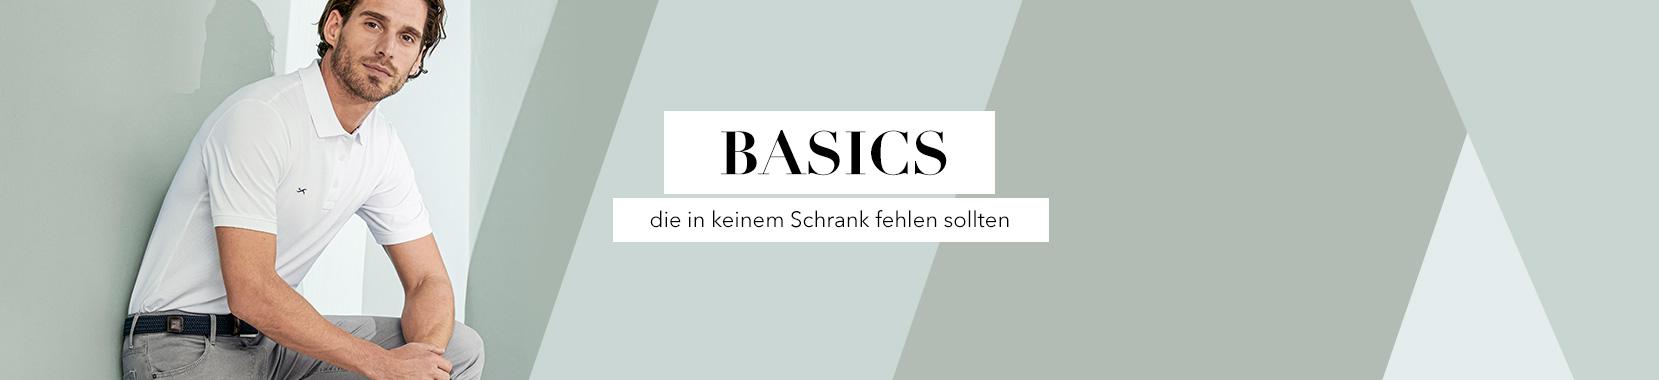 2021-02-Basics-1659x380-Herren-Banner-desktop_1